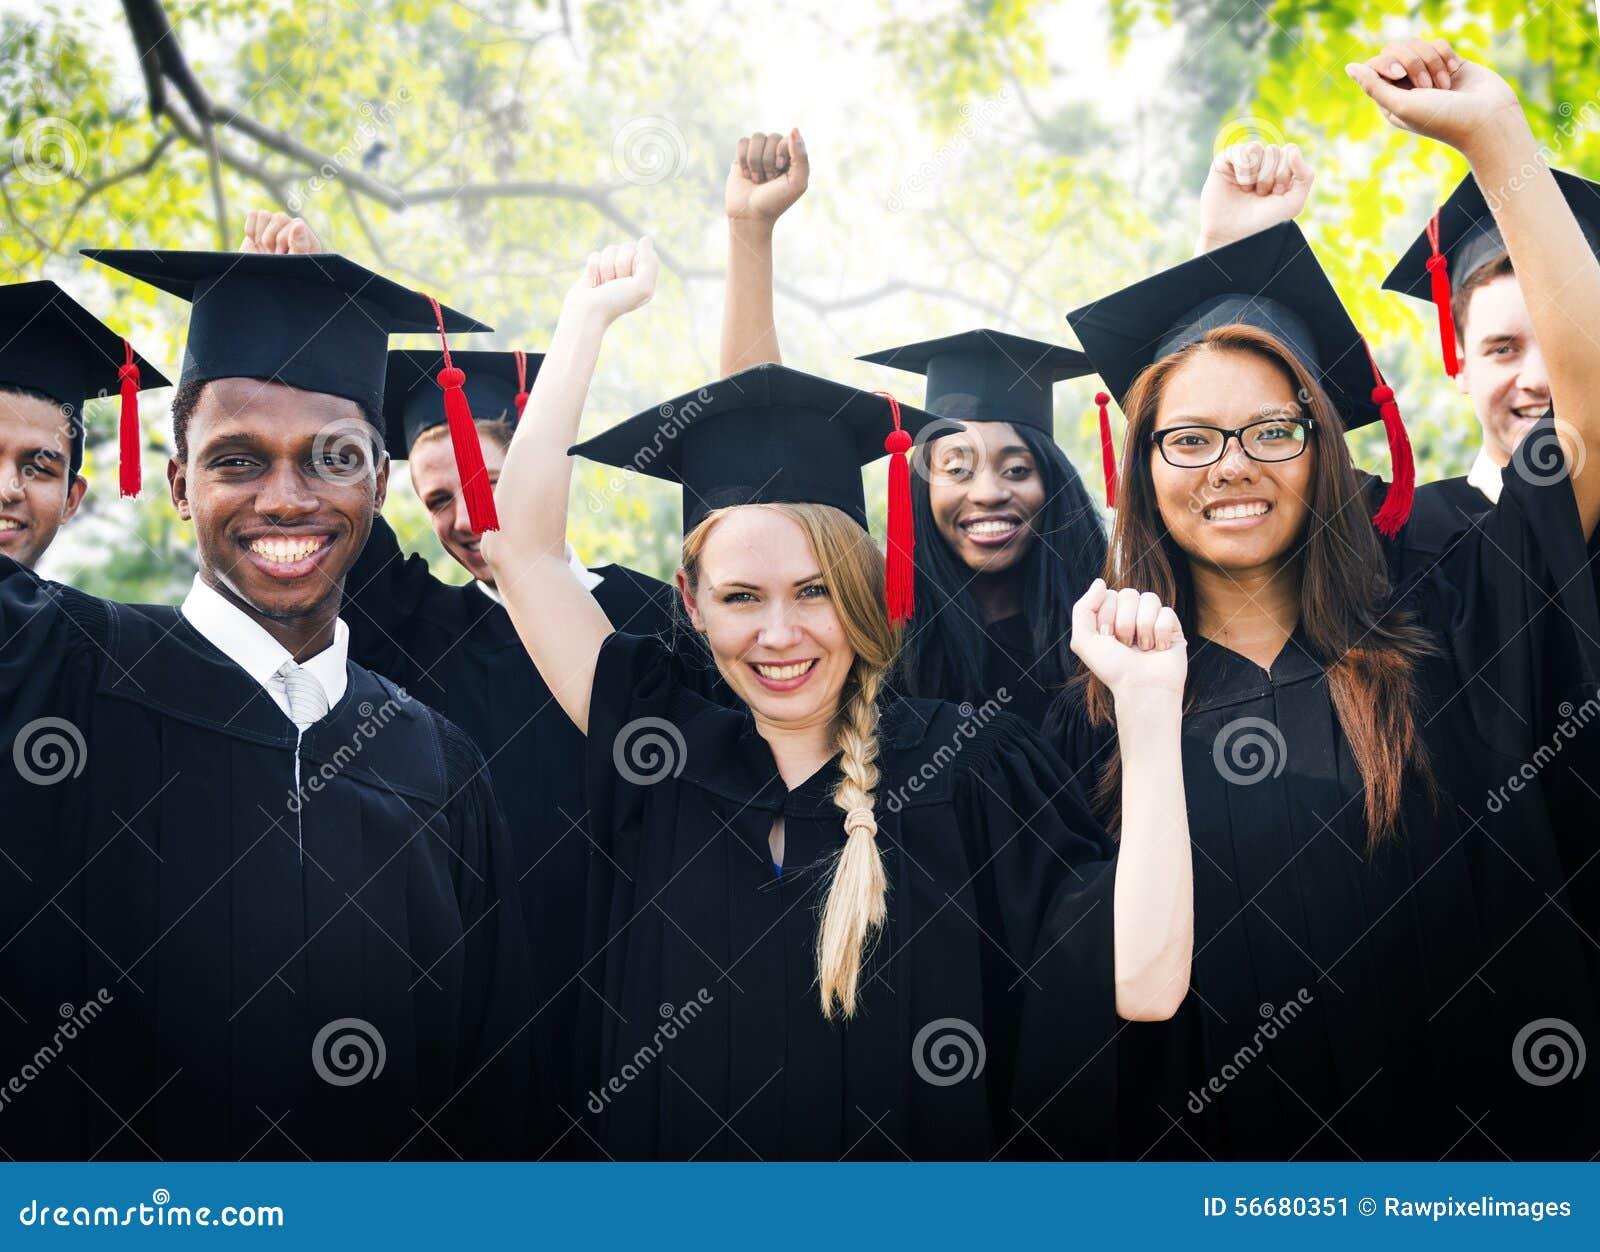 Begrepp för beröm för framgång för mångfaldstudentavläggande av examen